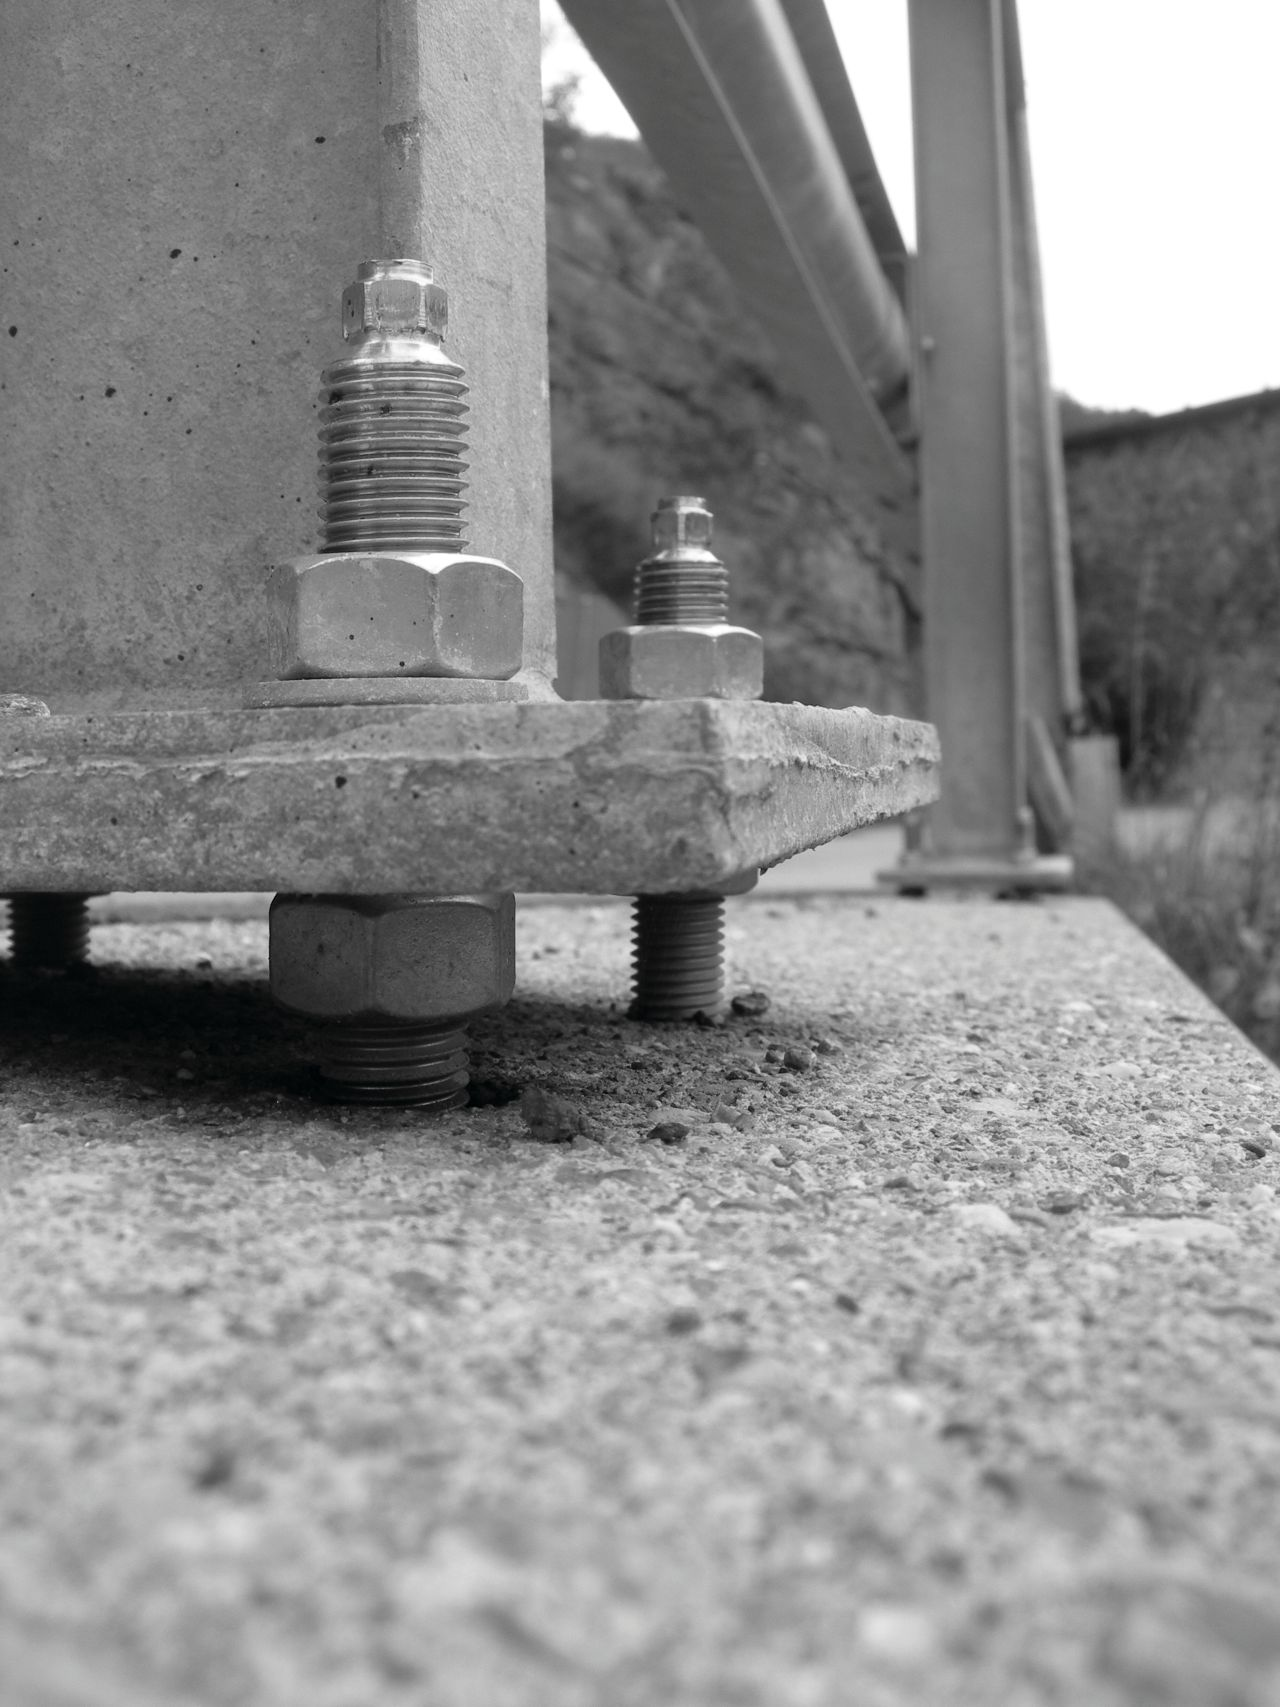 Bultning gruva mekanisk infästning